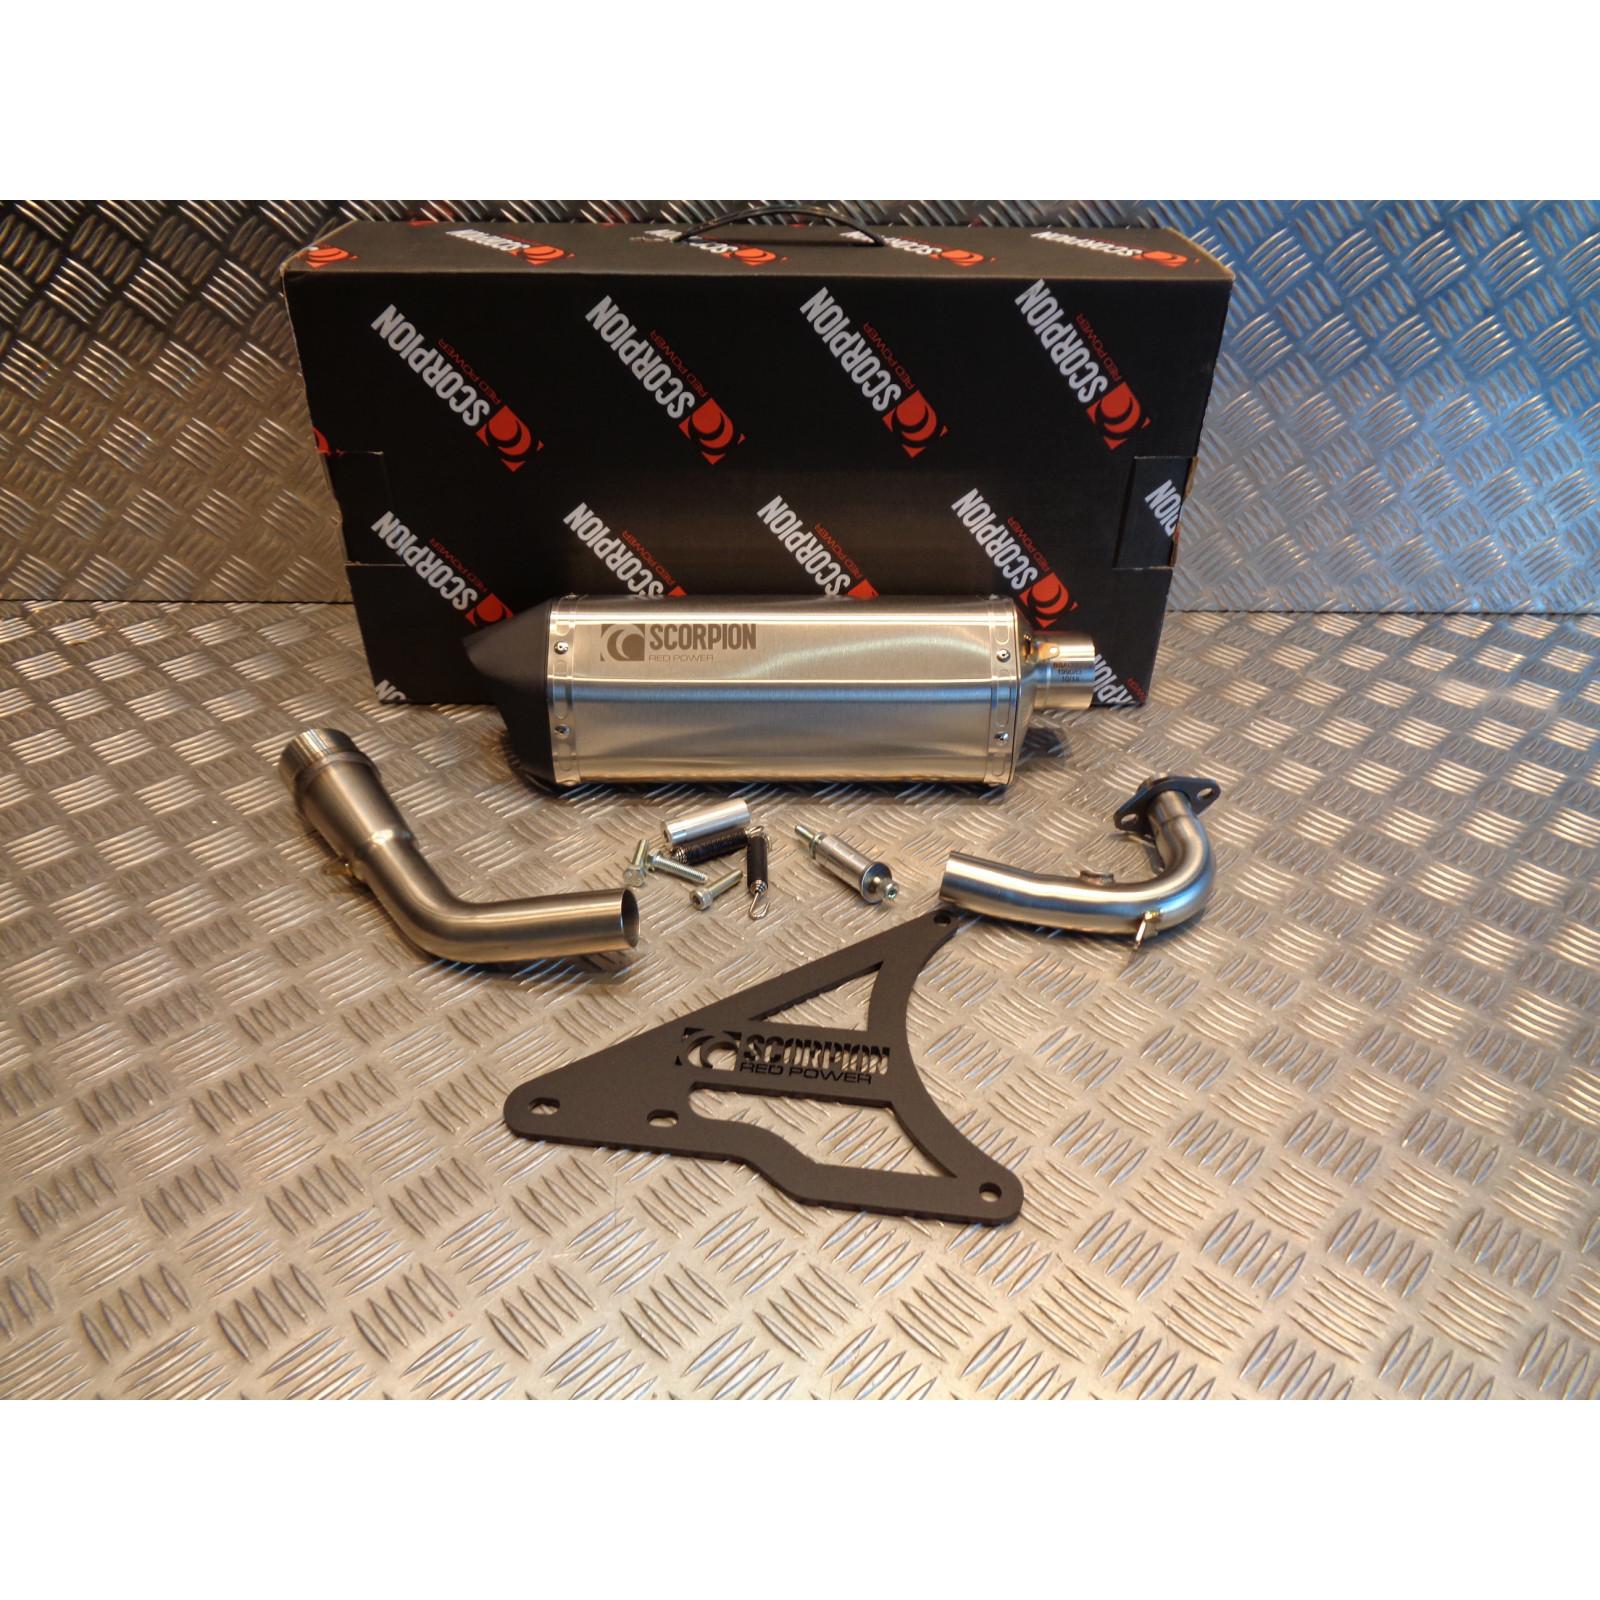 pot echappement ligne silencieux scorpion serket parallel inox scooter peugeot 125 django RPG105SEC bihr 76013828